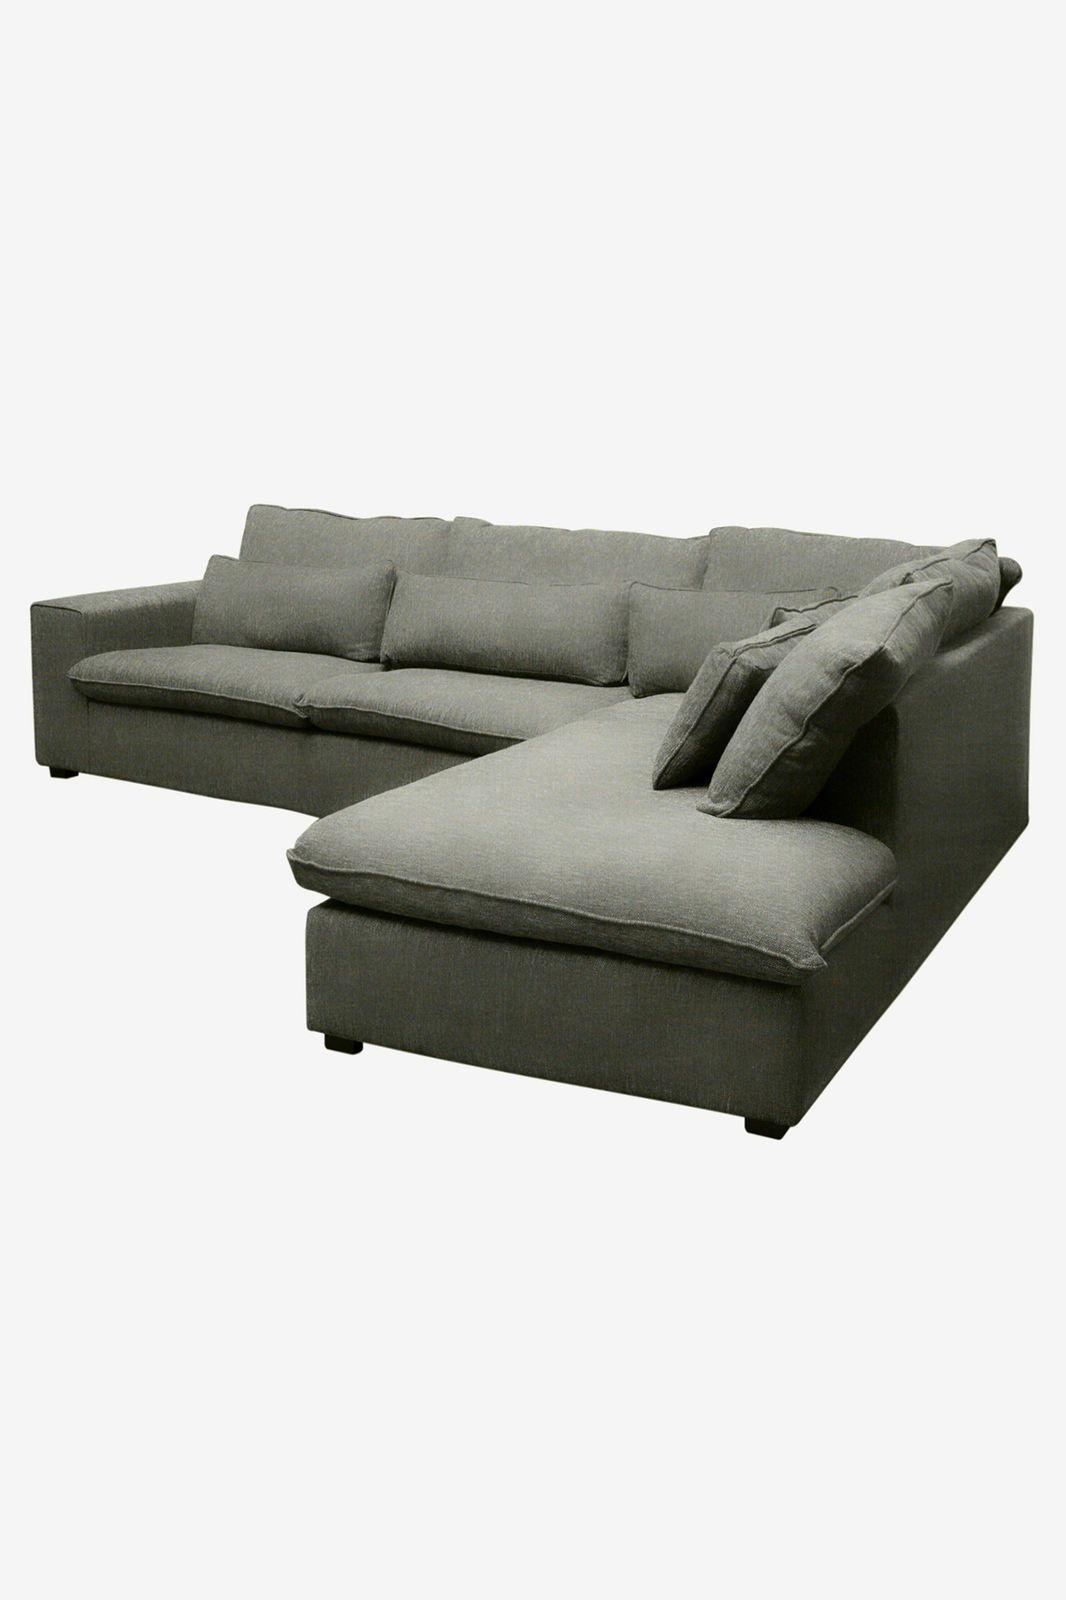 Baron bank 3.5-zits lounge rechts donkergroen